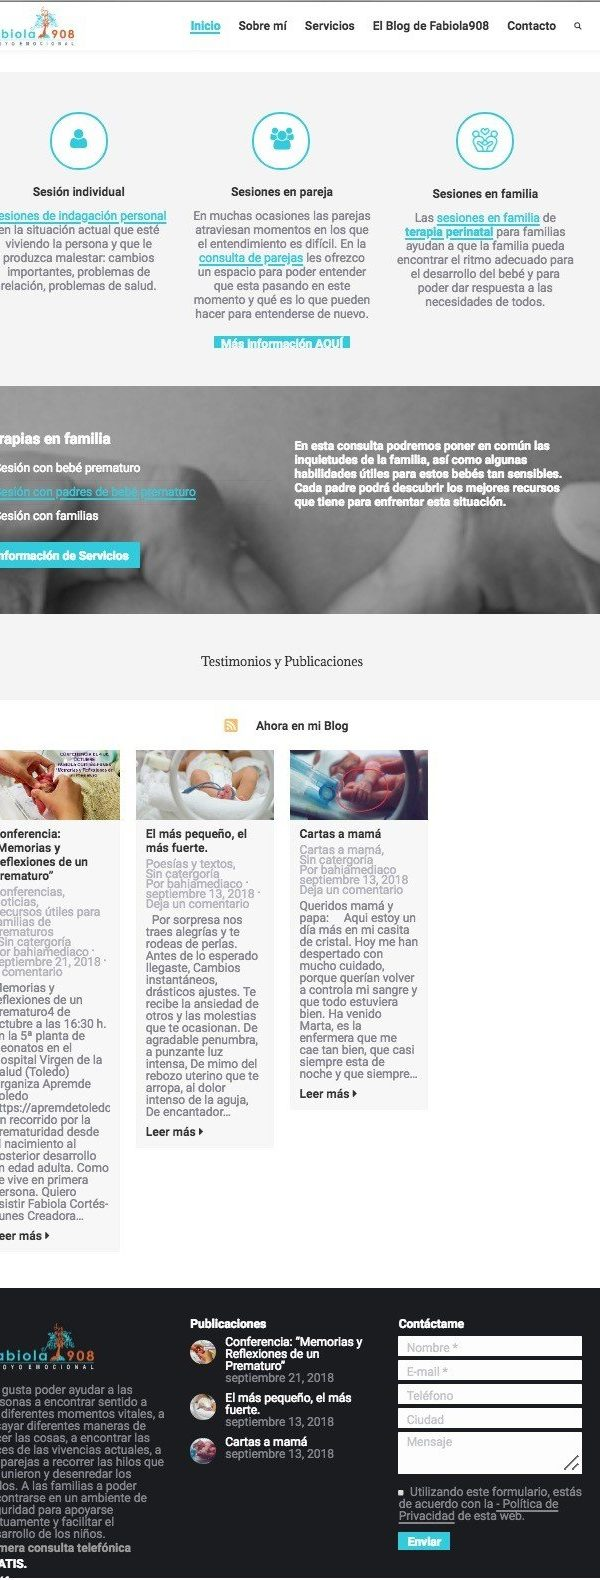 Diseño y posicionamiento de paginas web en Cádiz. Puerto de Santa Maria